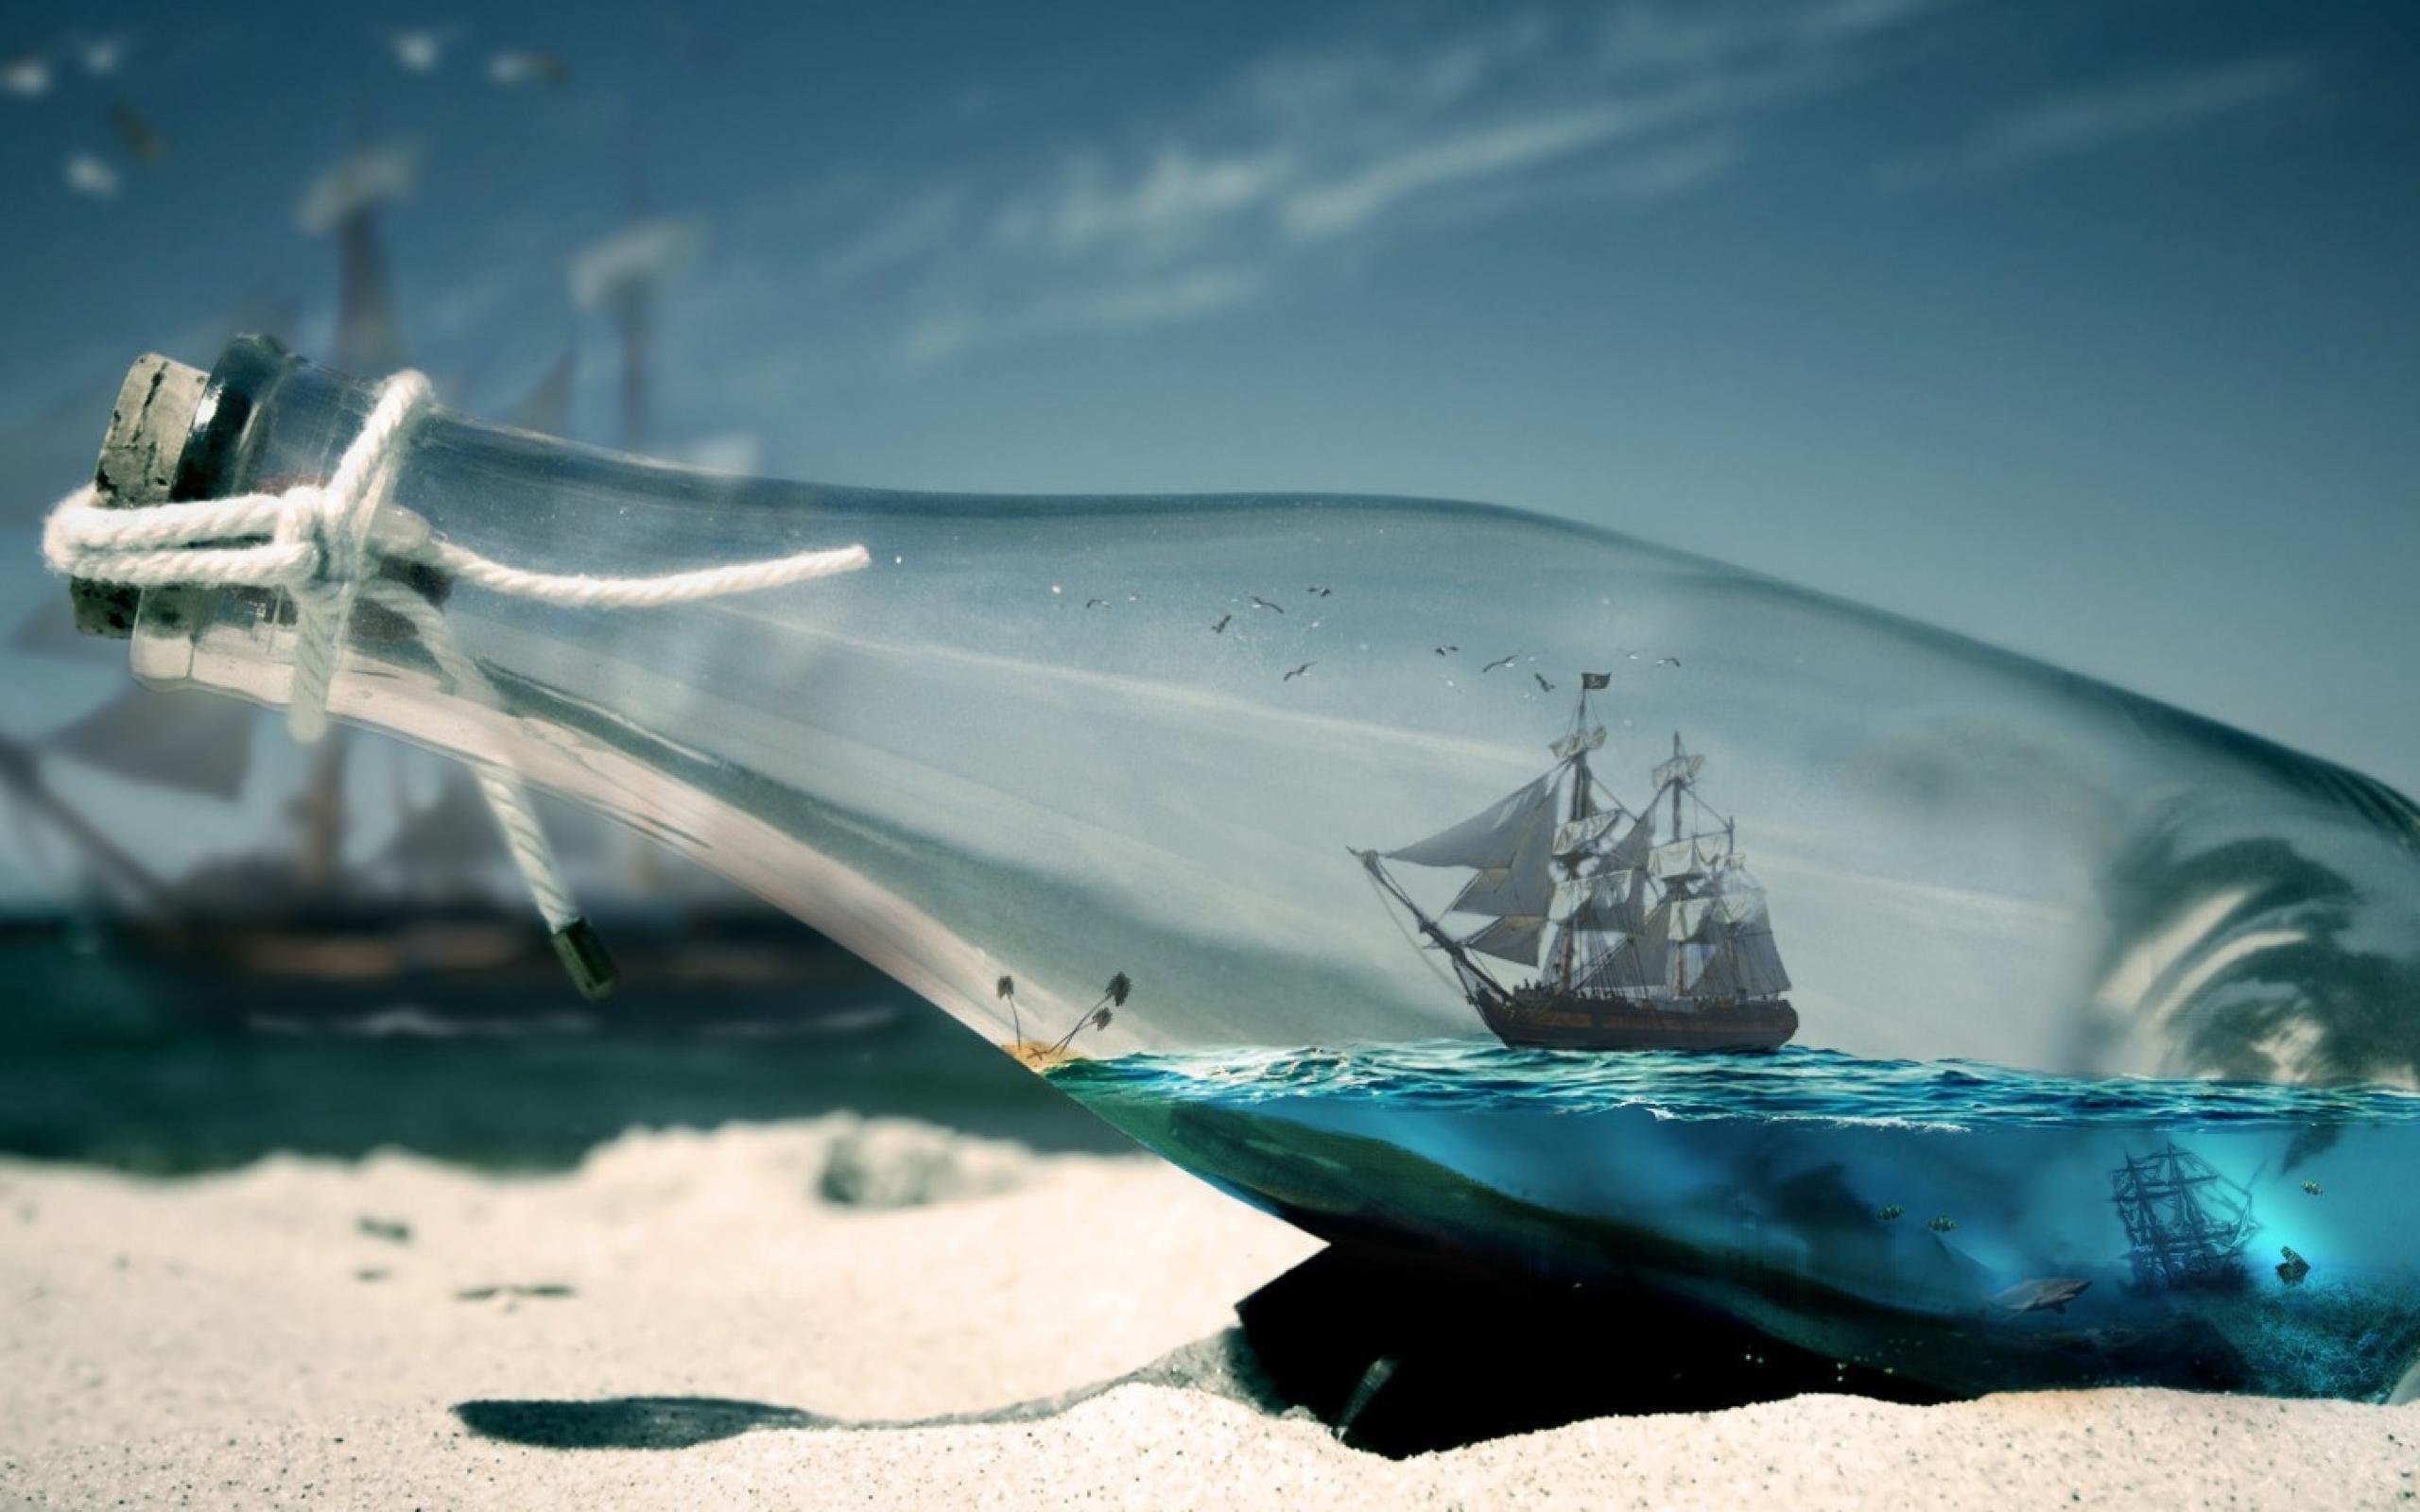 Блог им. Malsh: Простой рецепт от Malsh: Каджит и море